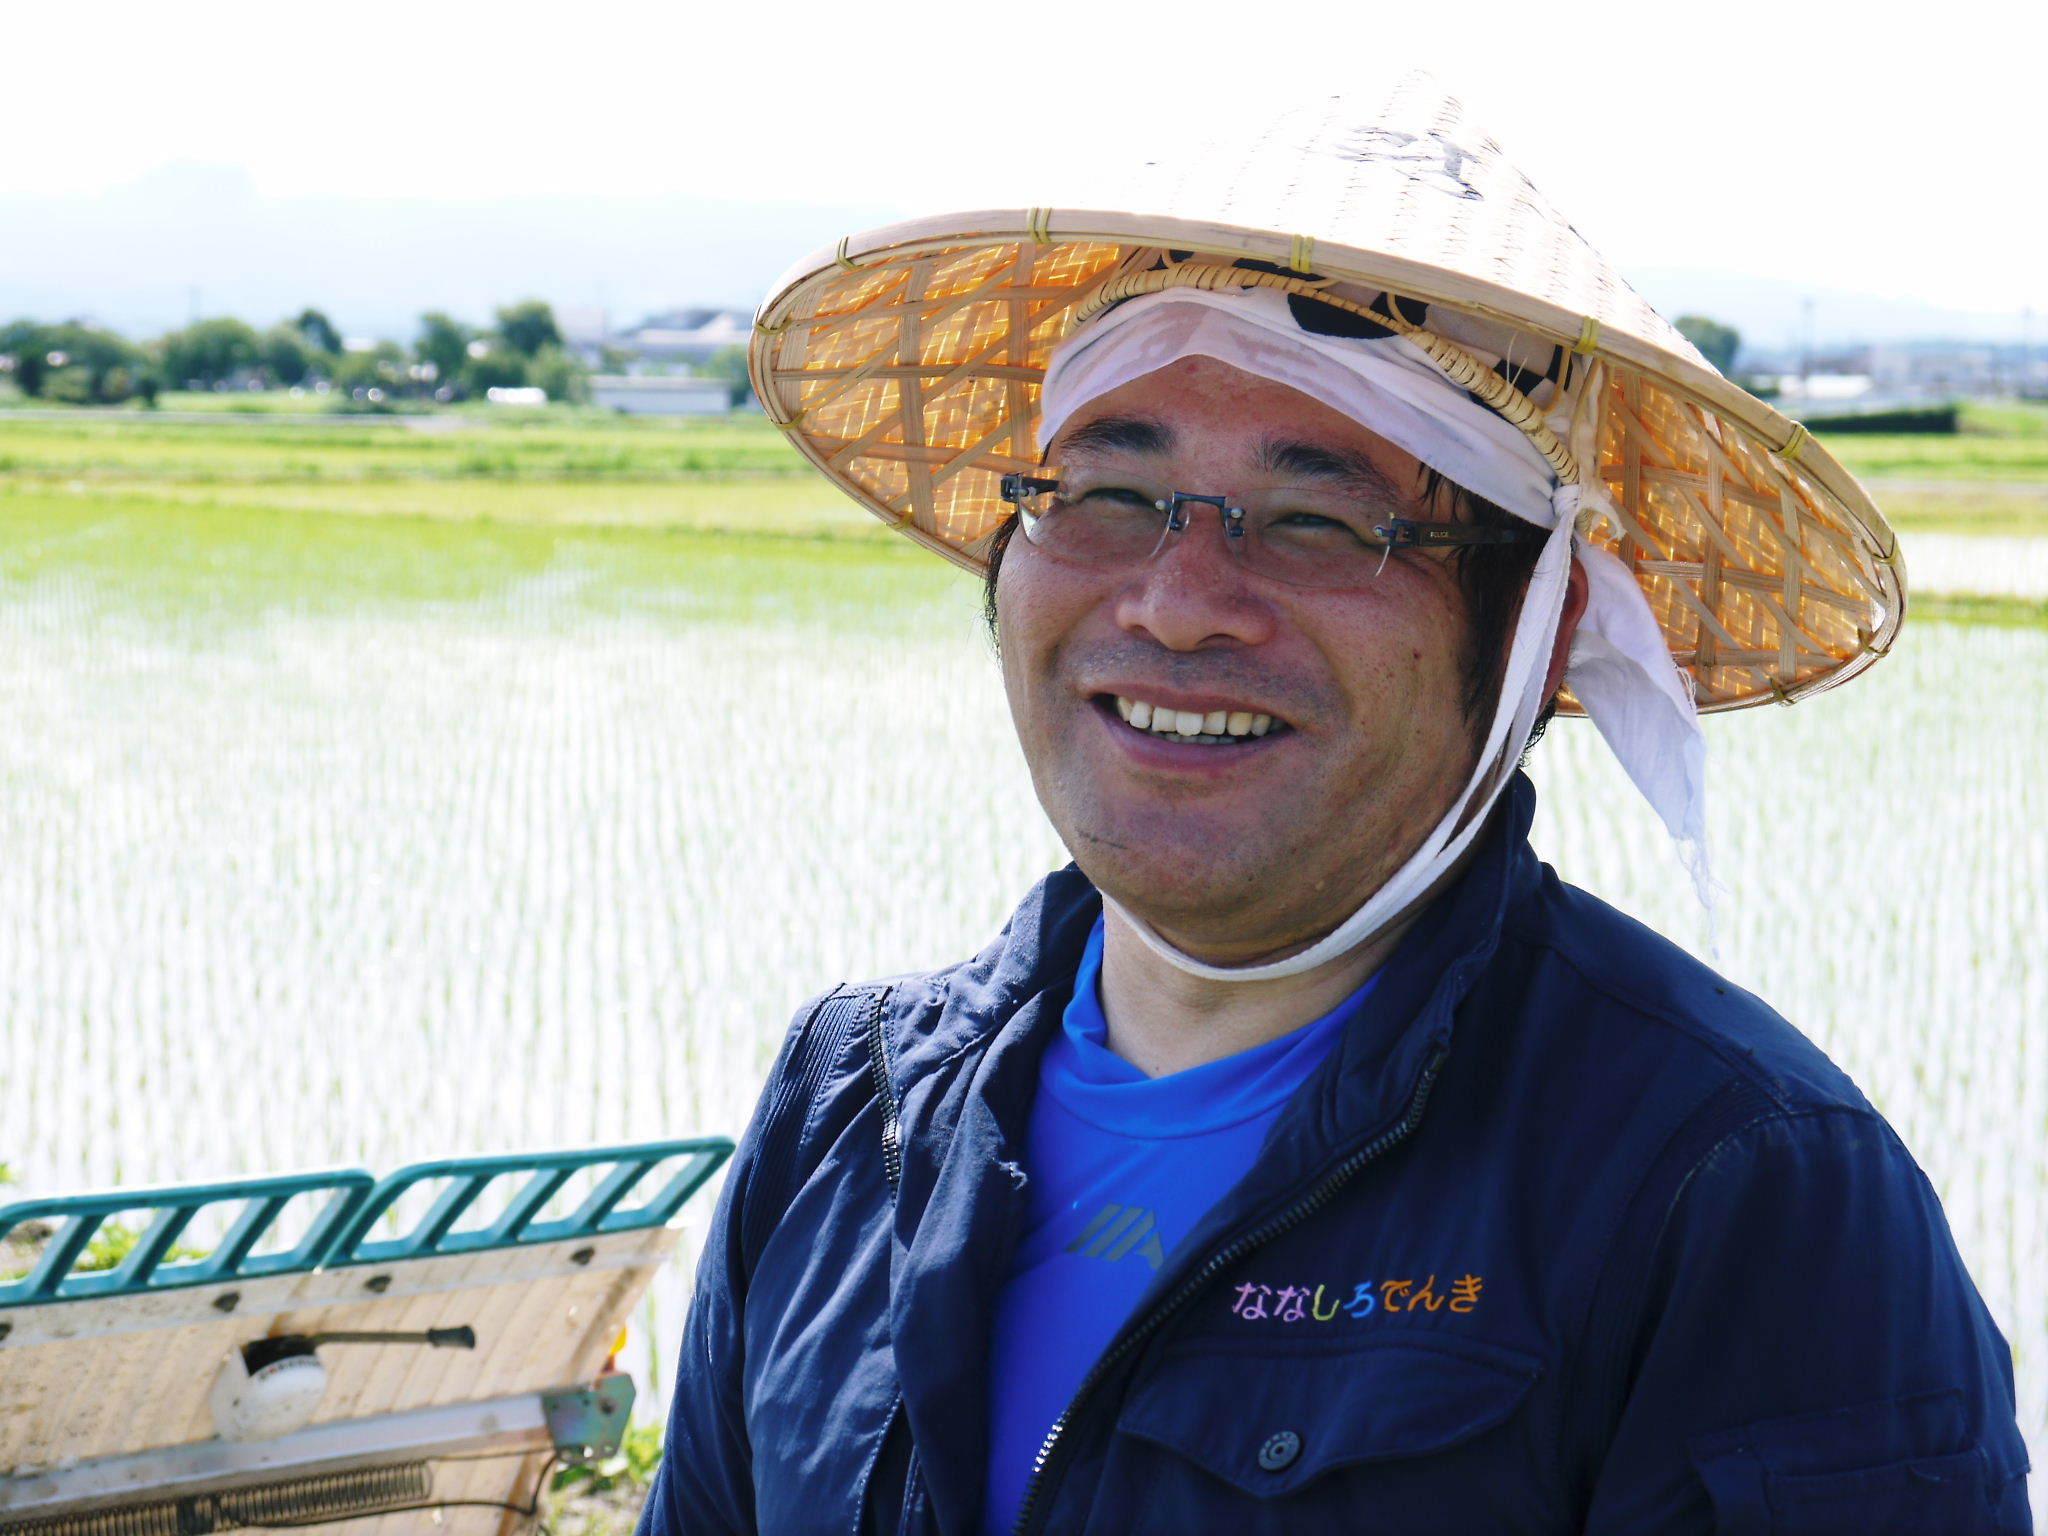 砂田のこだわりれんげ米 田植えの様子(2020) 前編:今年も変わらずれんげを有機肥料にした田んぼです_a0254656_17261724.jpg